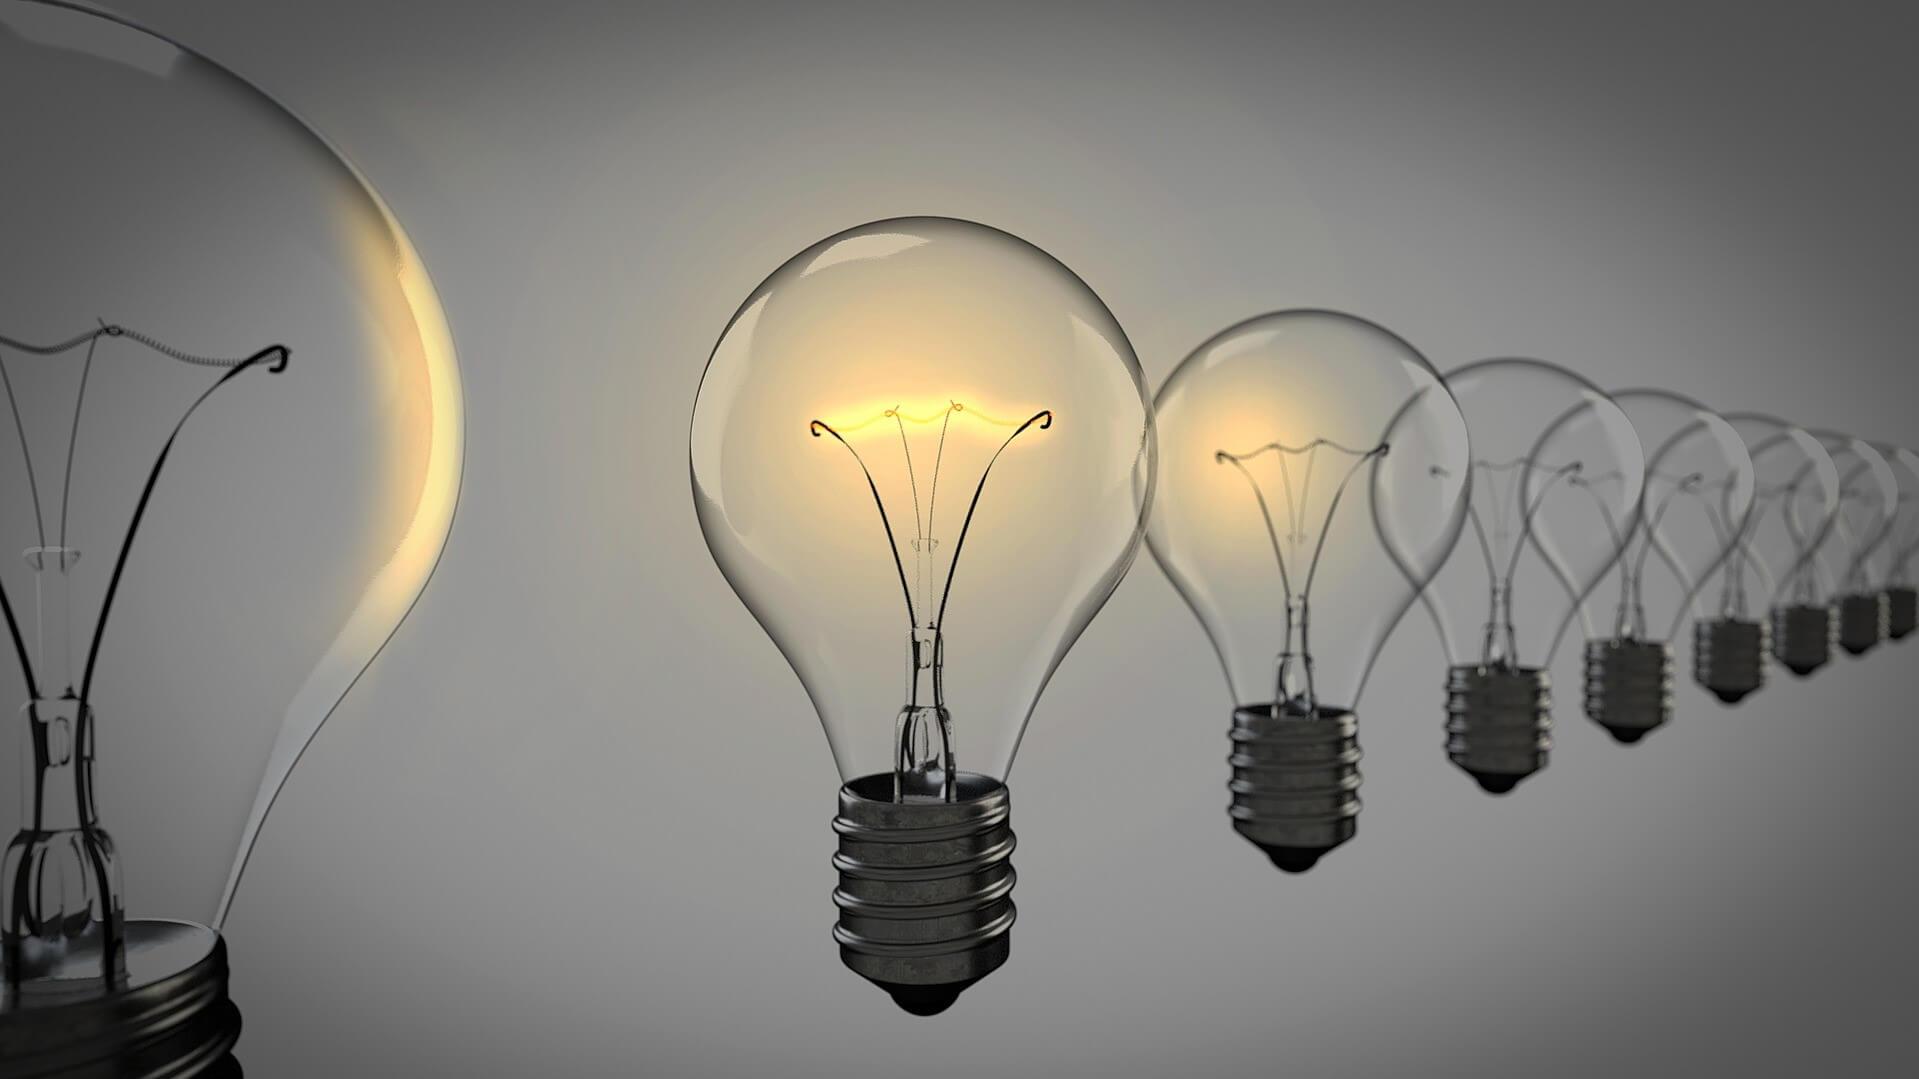 Eine leuchtende Glühbirne in einer Reihe von Glühbirnen